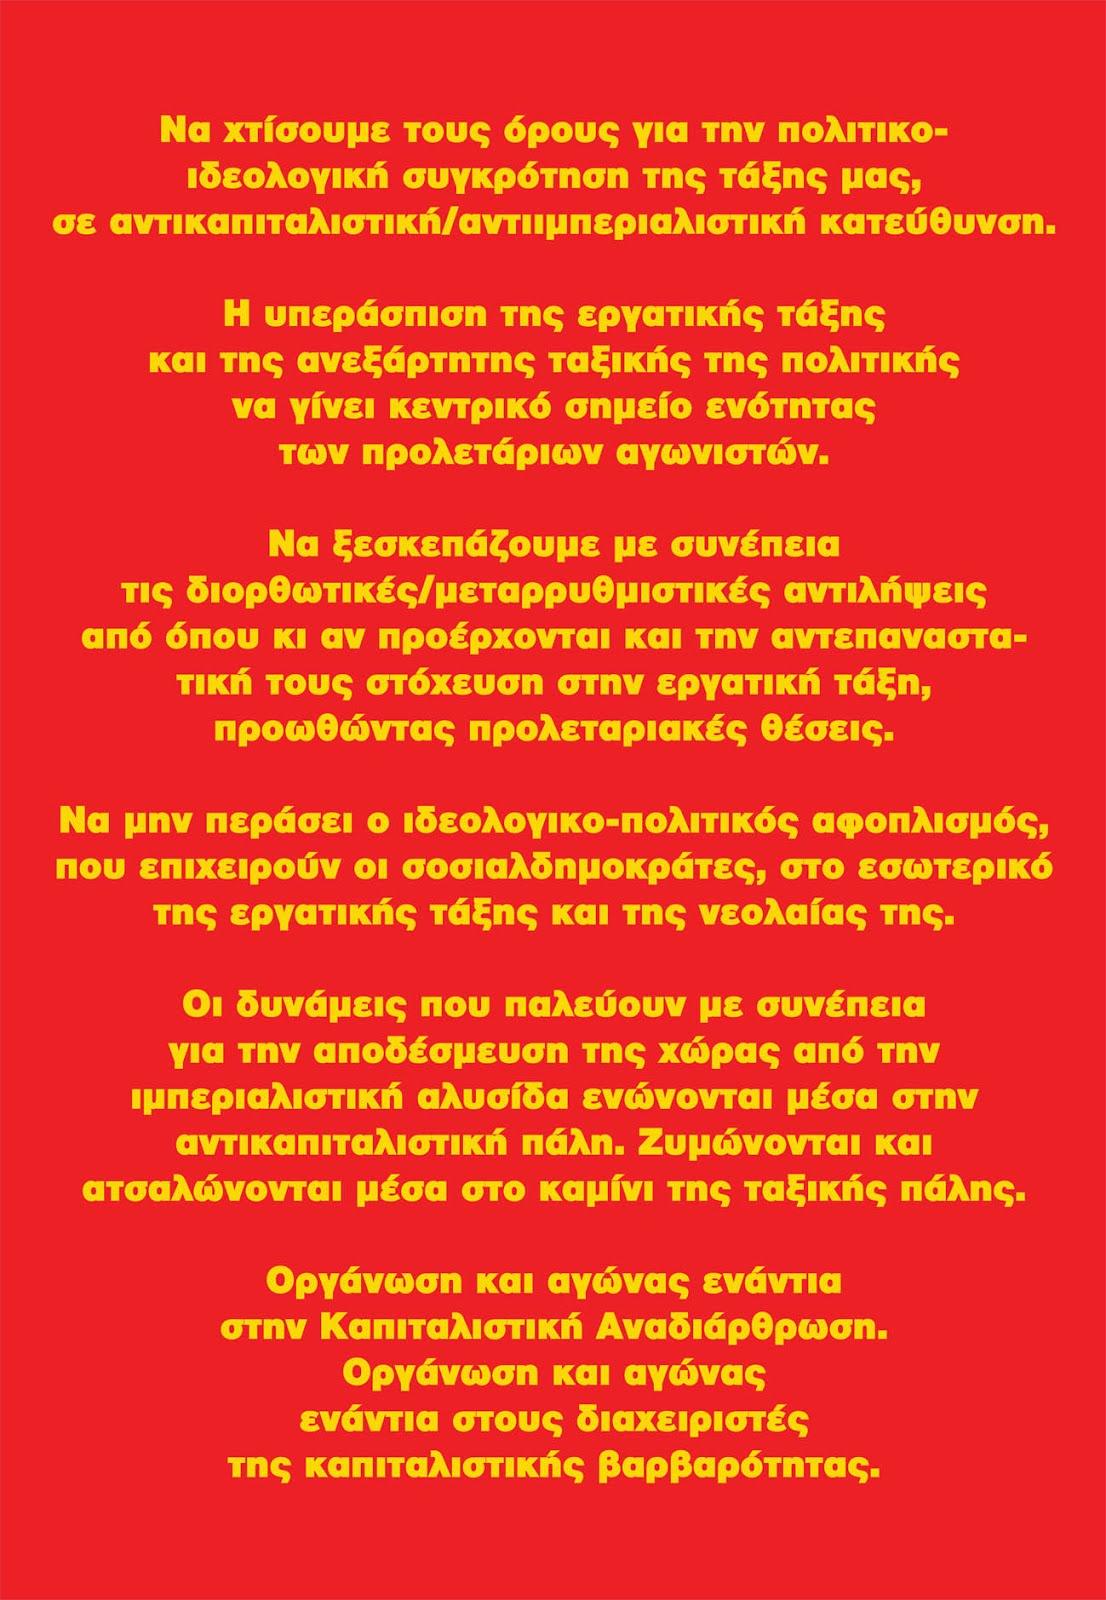 Οργάνωση και Ταξικός Αγώνας